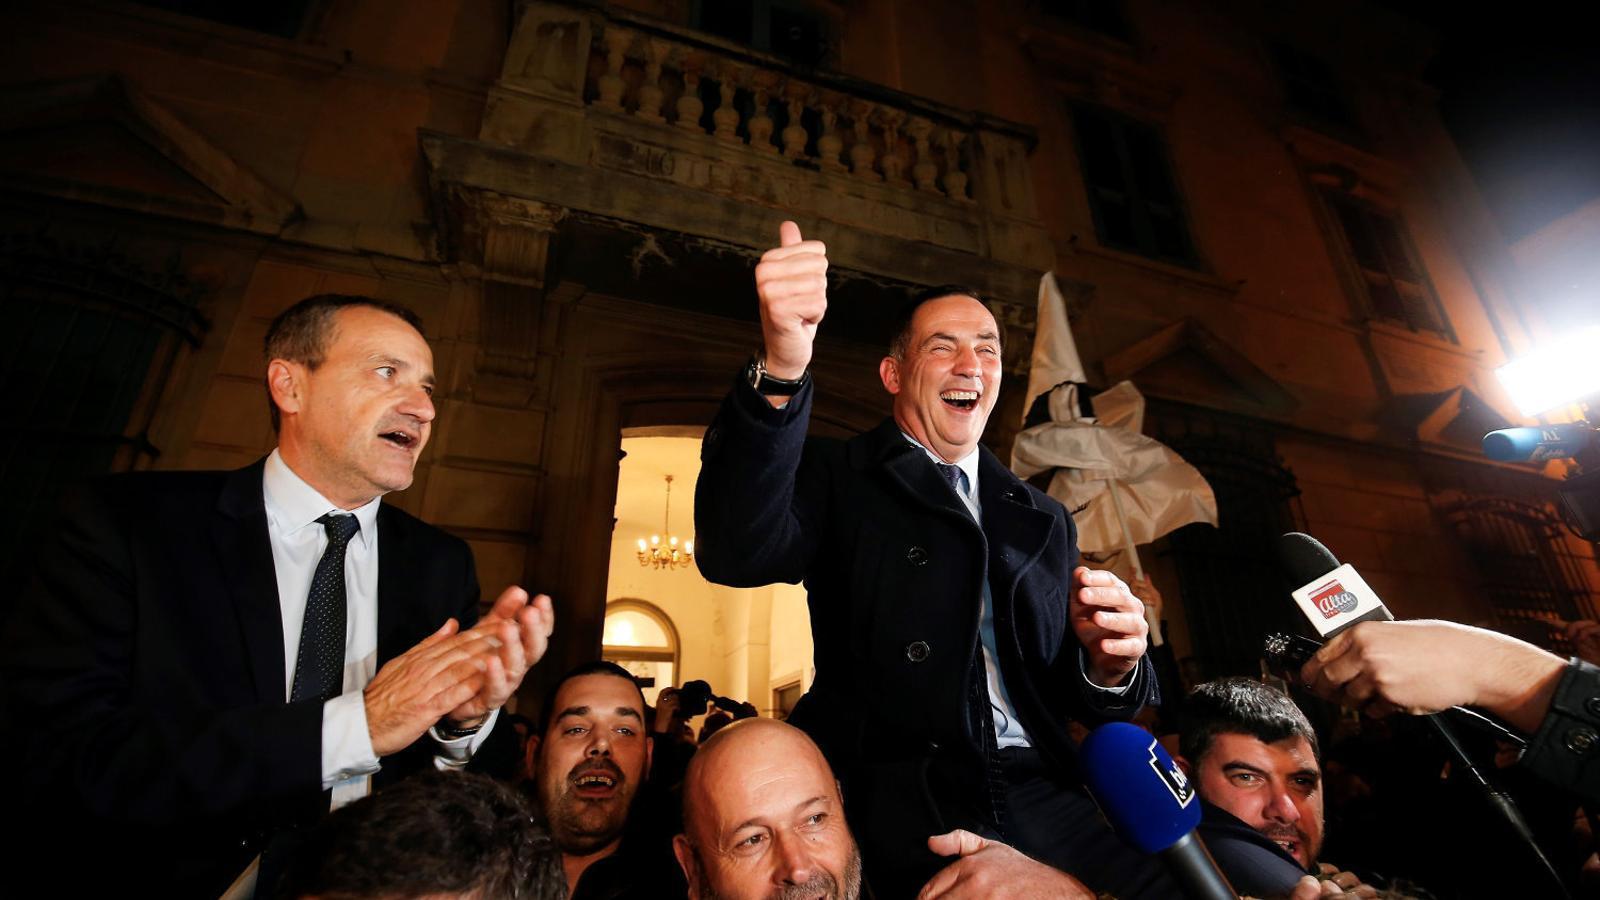 Els nacionalistes aconsegueixen la majoria a Còrsega